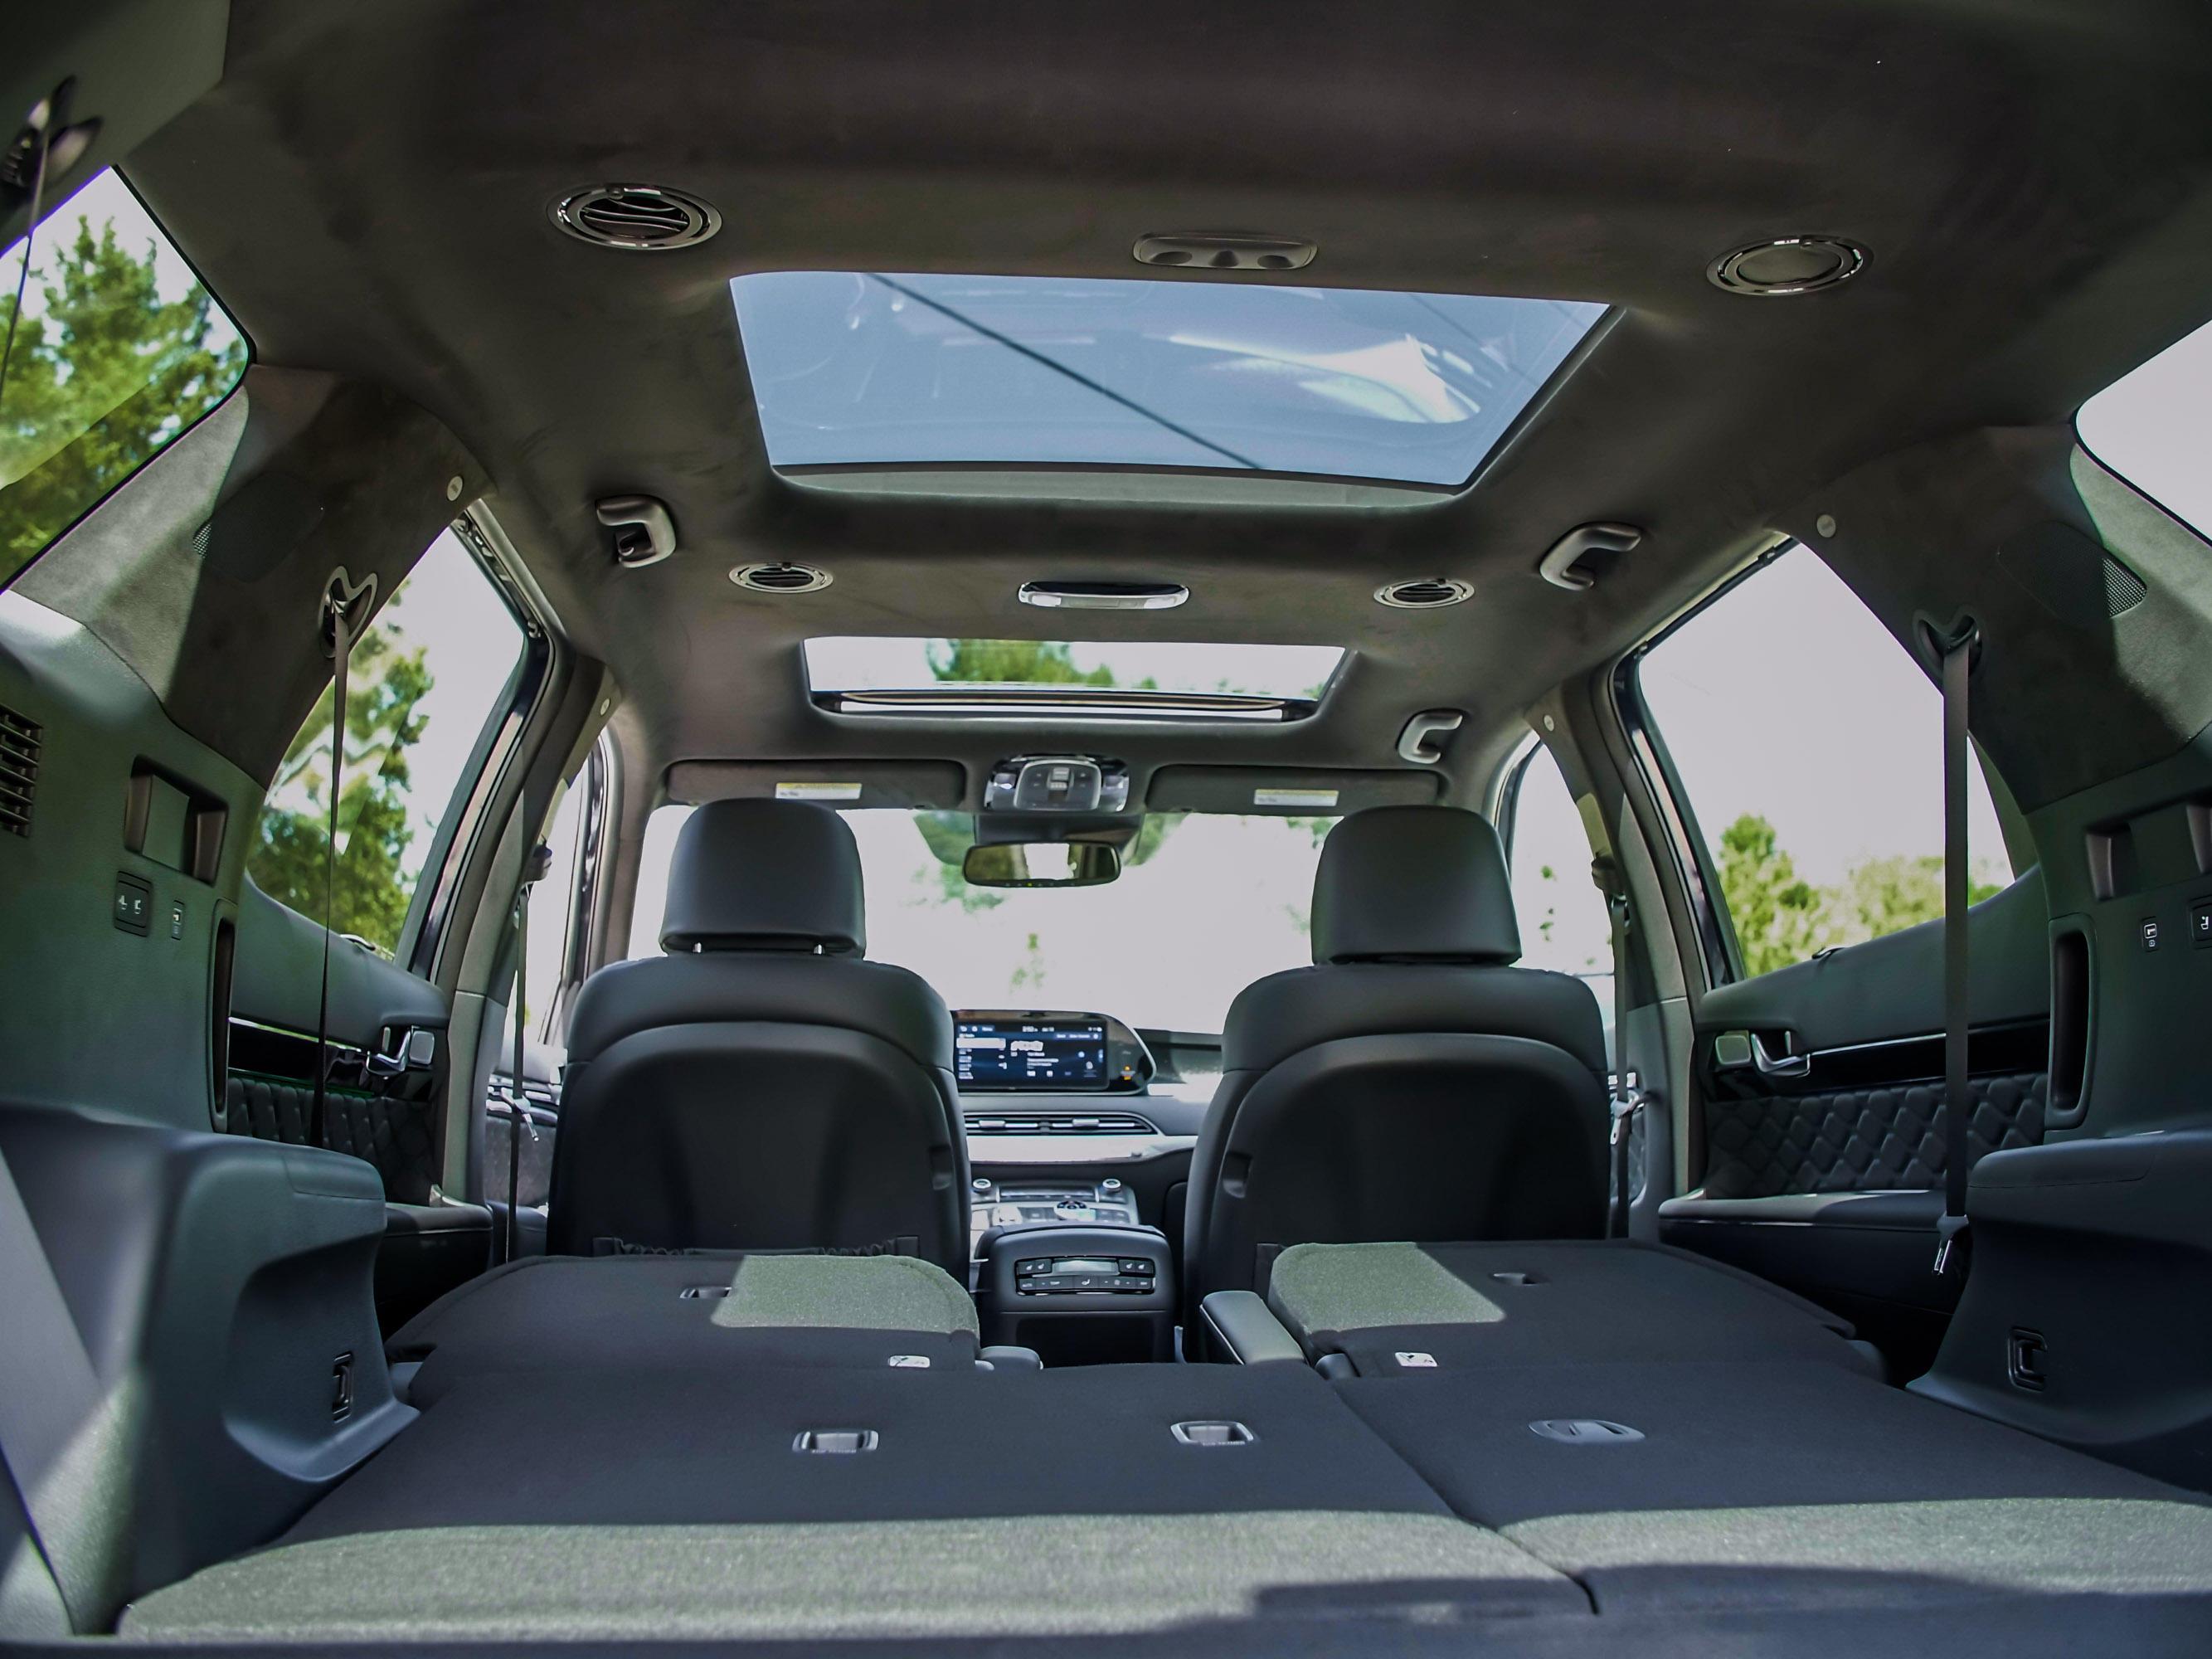 2020 Hyundai Palisade cargo space